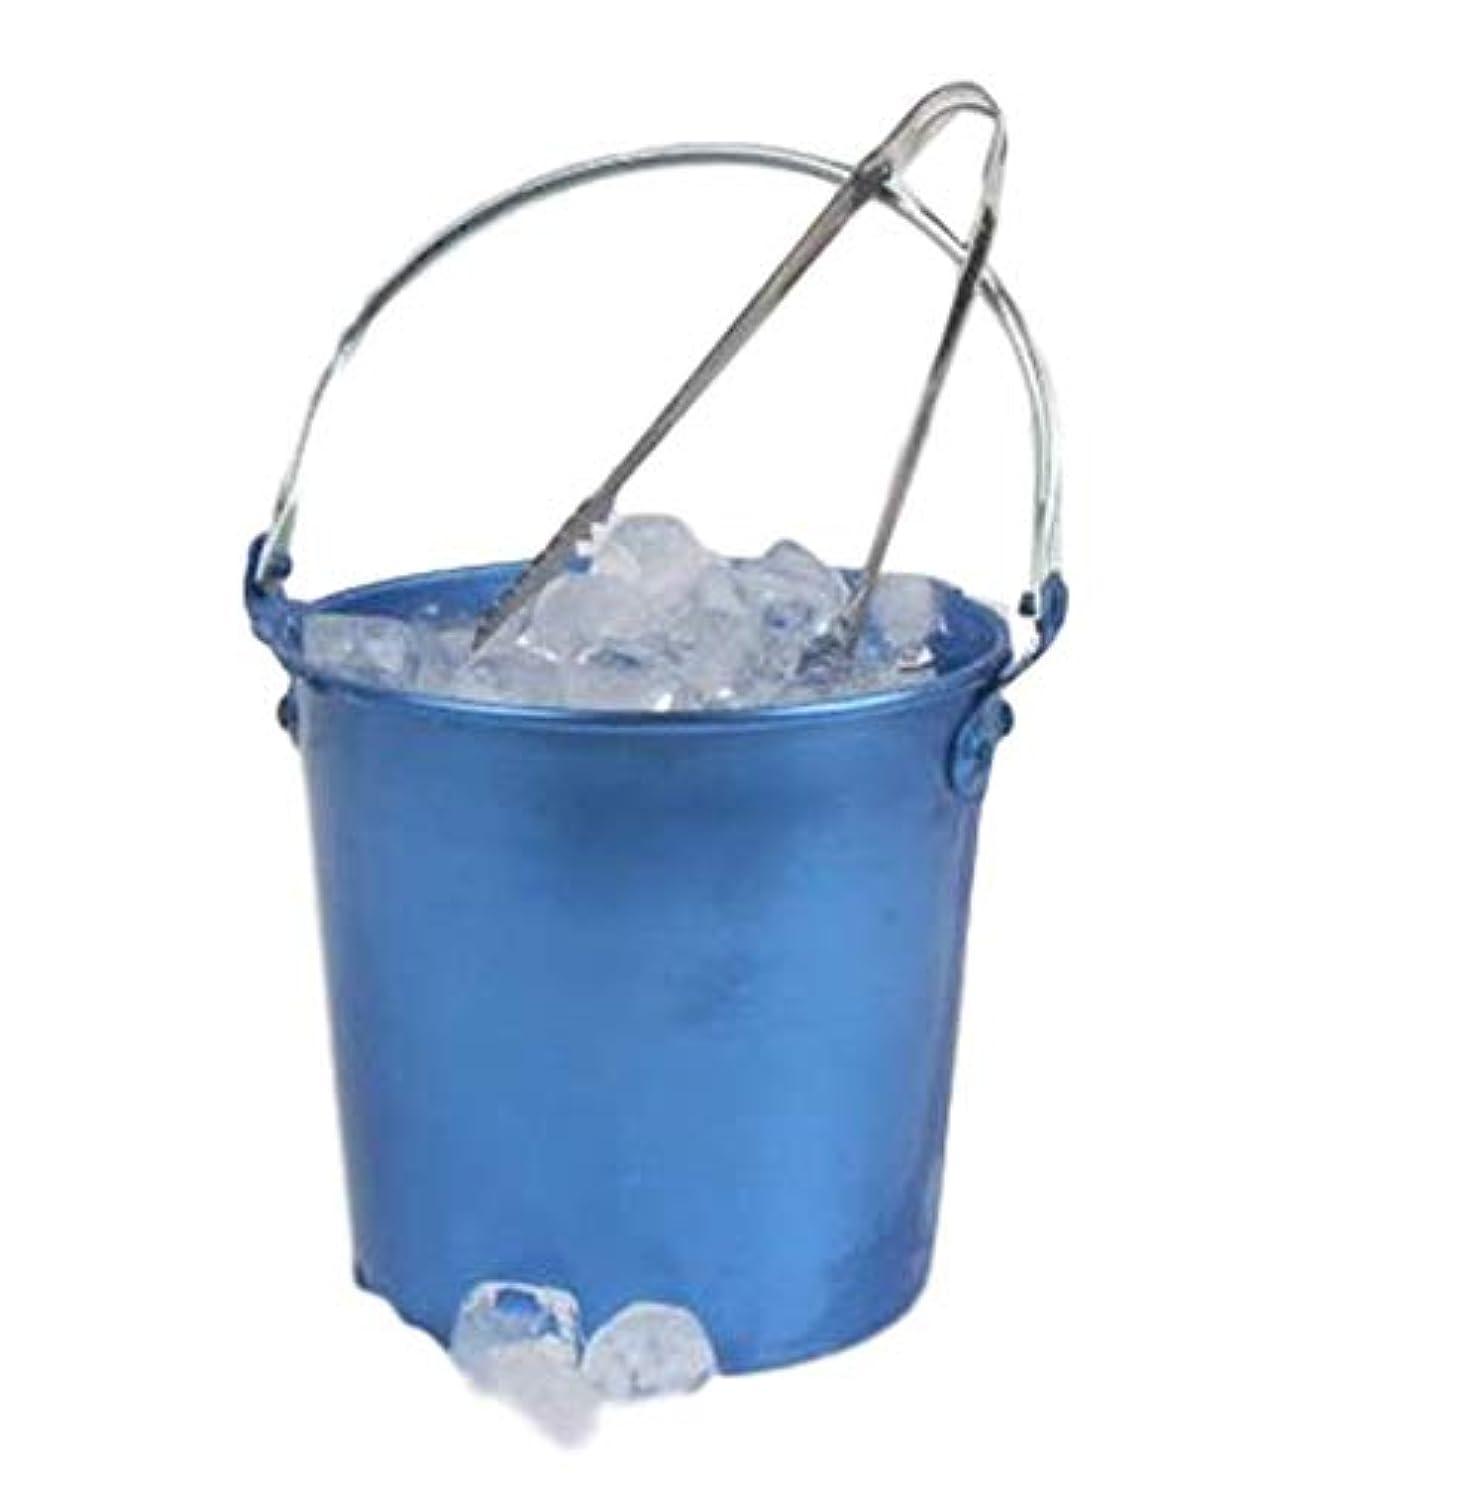 疑い者ポスター憂鬱な(グードコ) アイスペール 冷却 17.5L KTV バー カフェ アイスバケット アイストング 氷バケツ 厚手 手提げ便利 アイスバケツ アイスバケット 氷シャベル ワインクーラー カクテル シャンパン (ブルー)